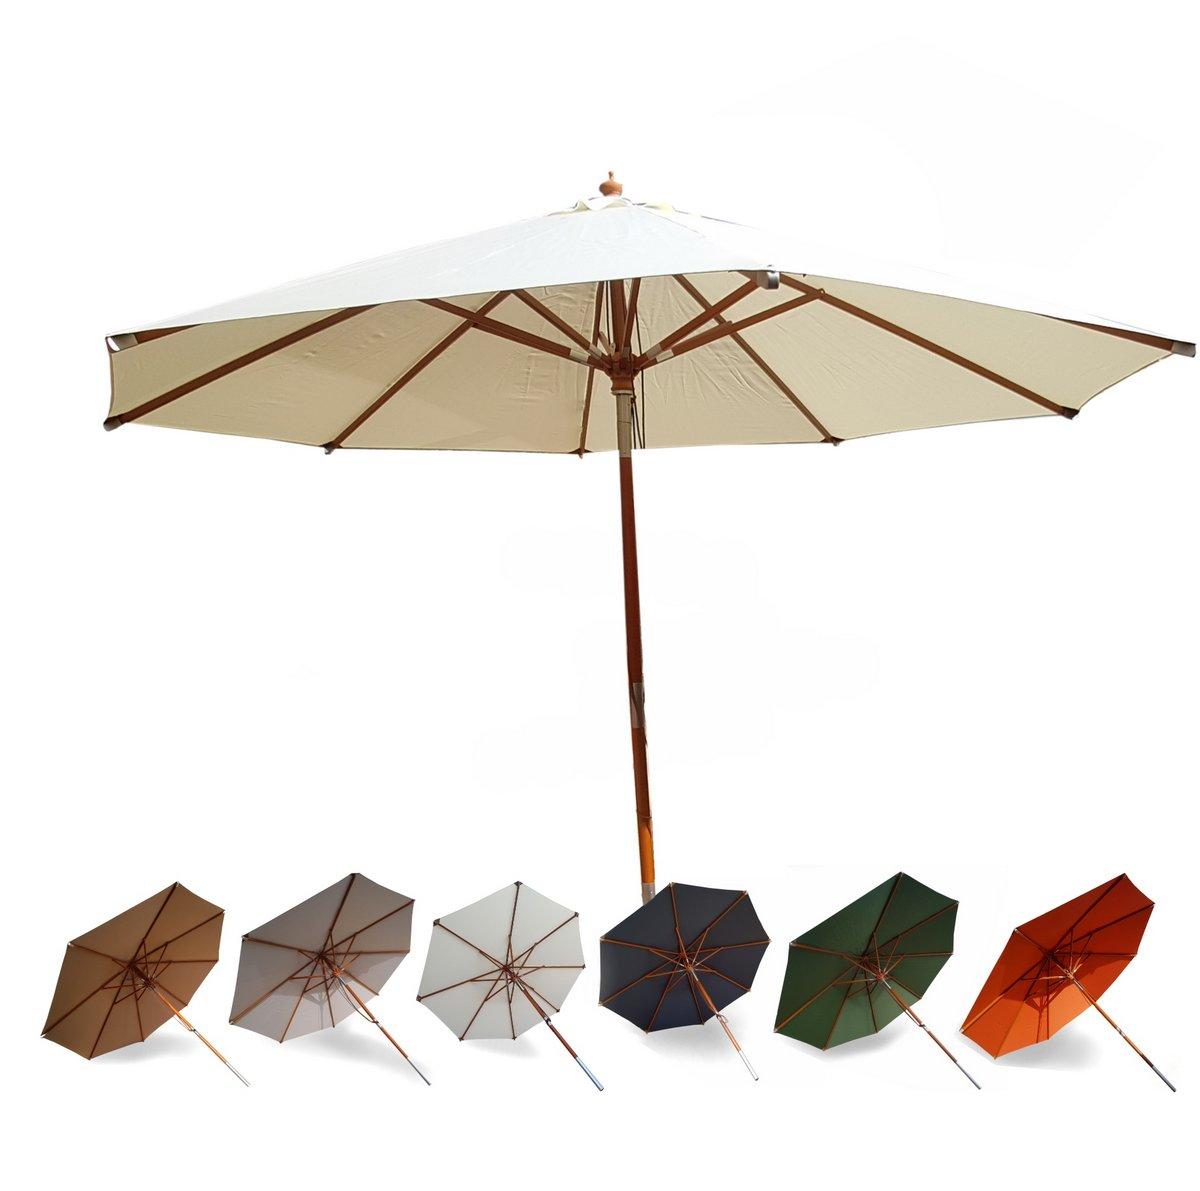 osoltus jakarta holzstockschirm sonnenschirm deluxe 3 5m rund ebay. Black Bedroom Furniture Sets. Home Design Ideas